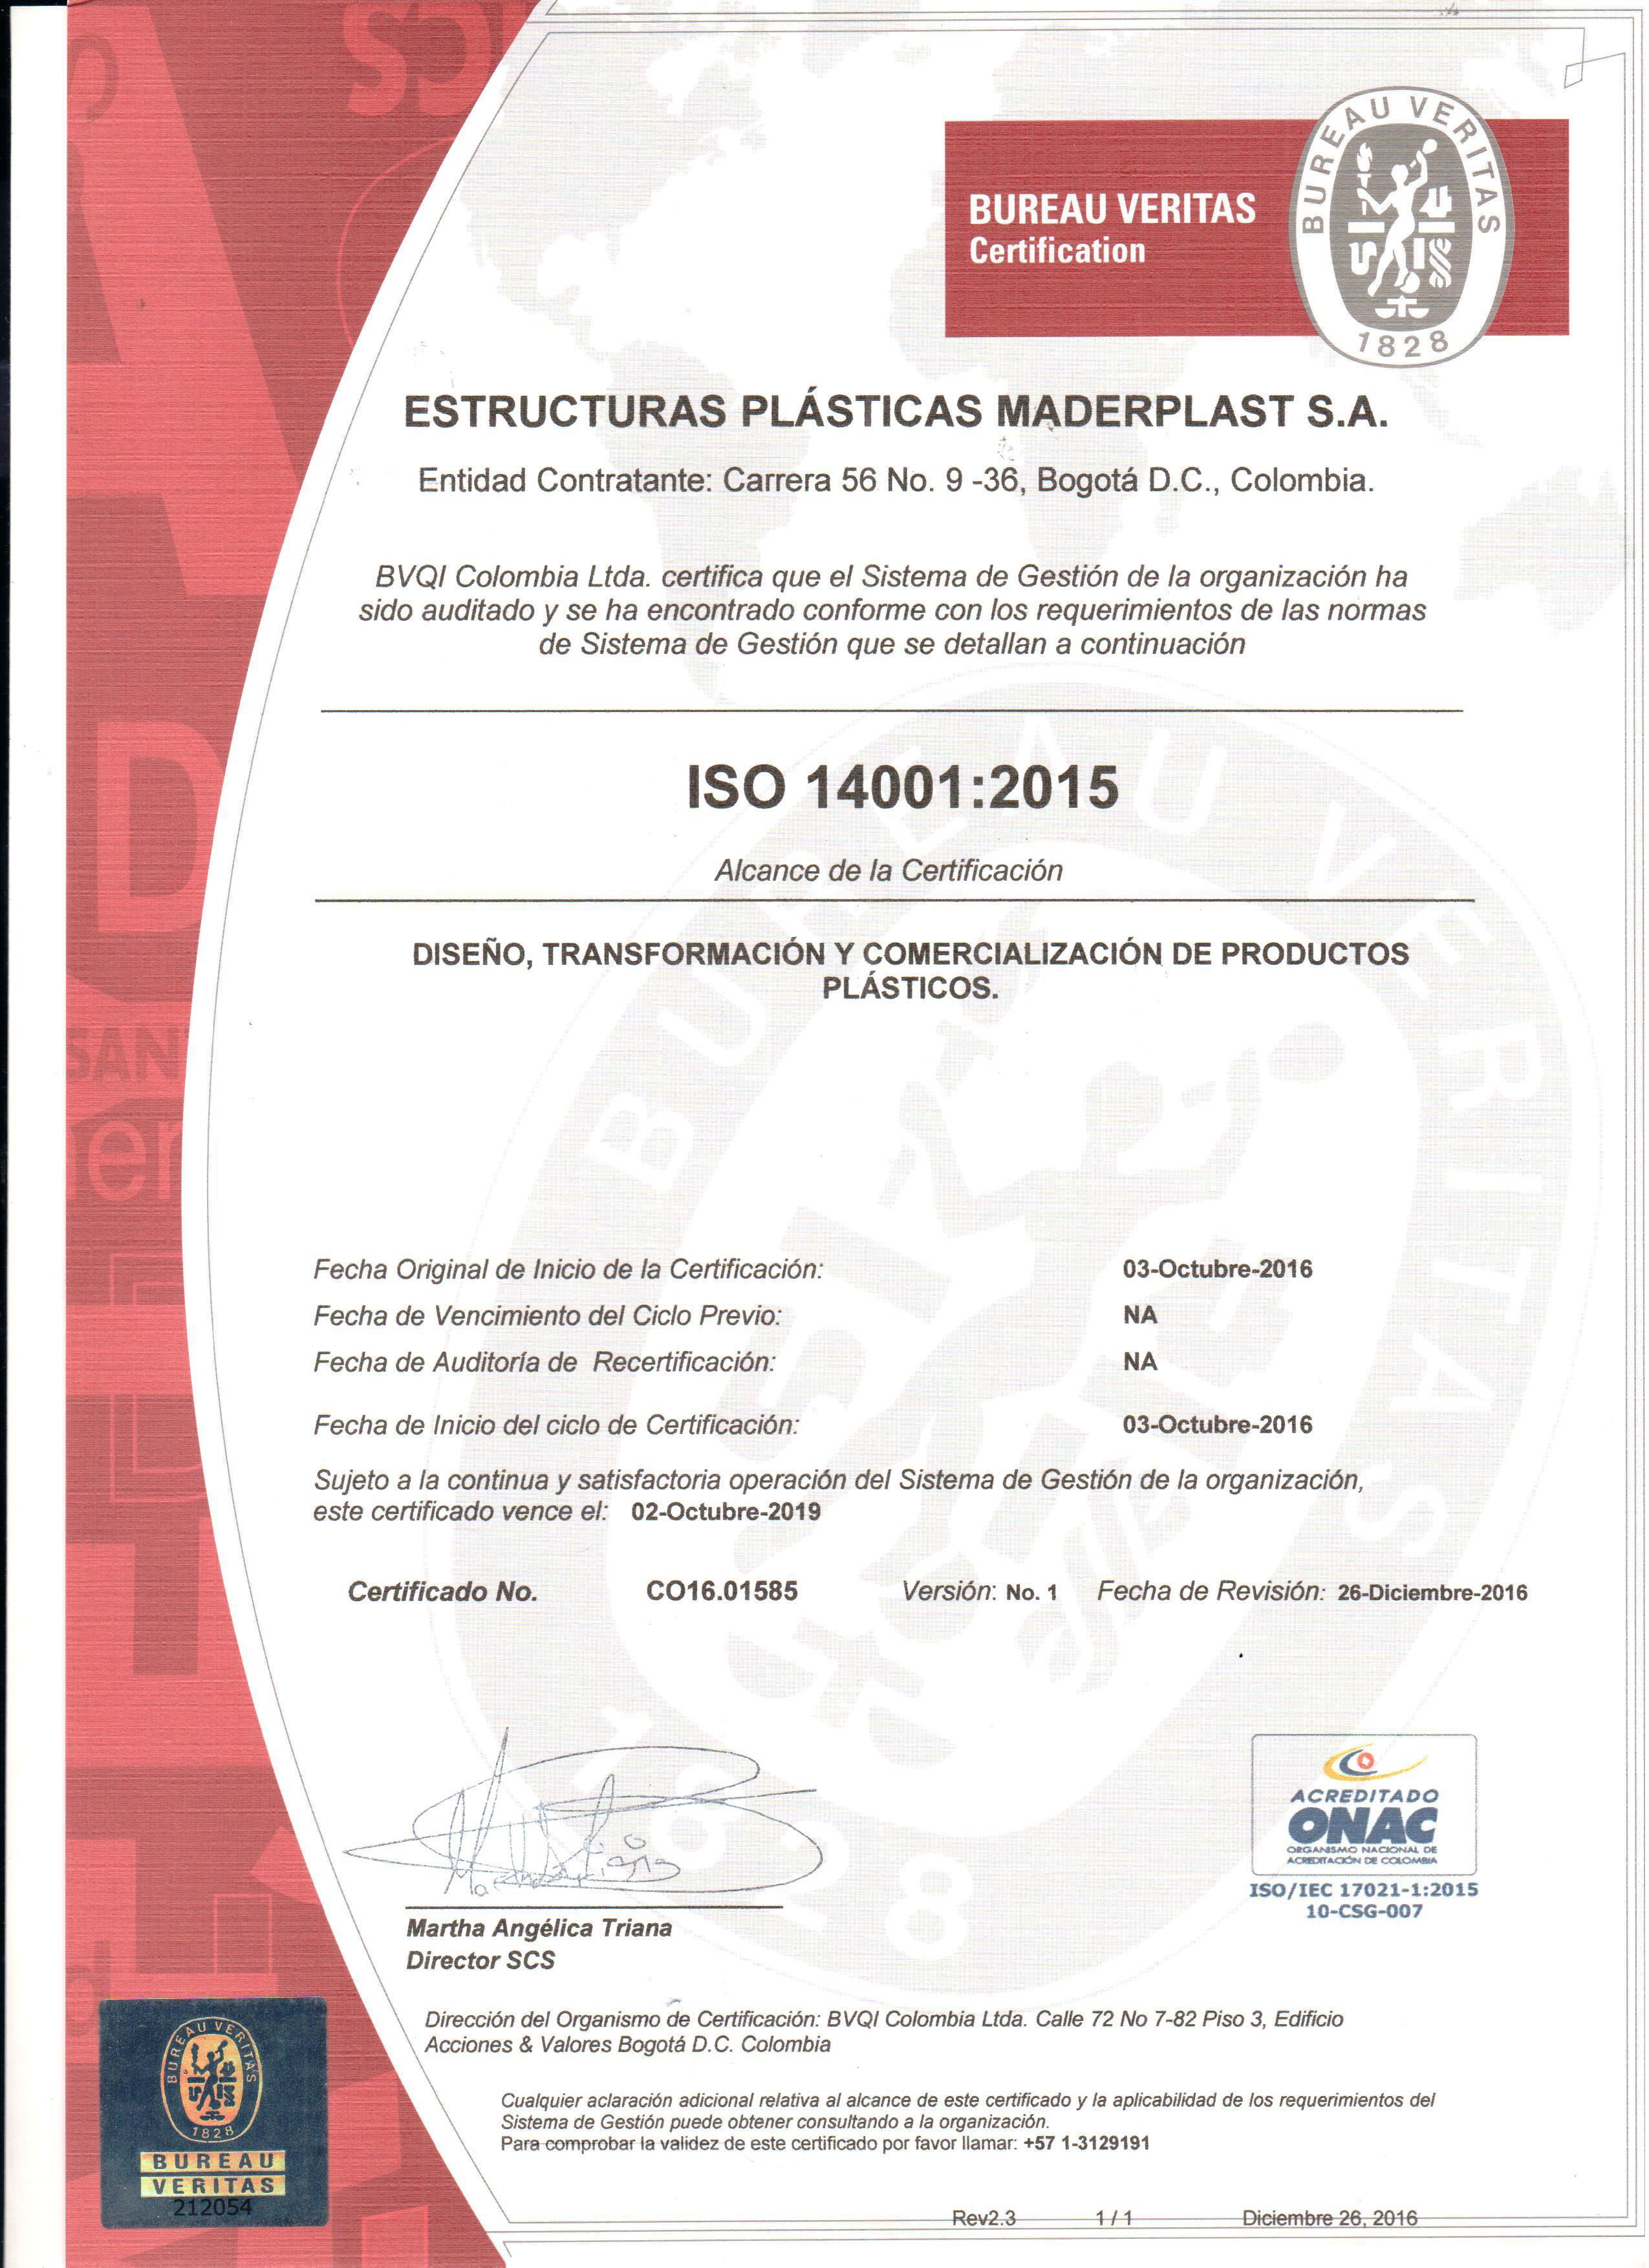 CERTIFICADOS DE PROTECCIÓN DEL MEDIO AMBIENTE  ISO 14001 DISEÑO Y DESARROLLO DE PRODUCTOS CERTIFICADOS DE PROTECCIÓN DEL MEDIO AMBIENTE  ISO 14001 DISEÑO Y DESARROLLO DE PRODUCTOS